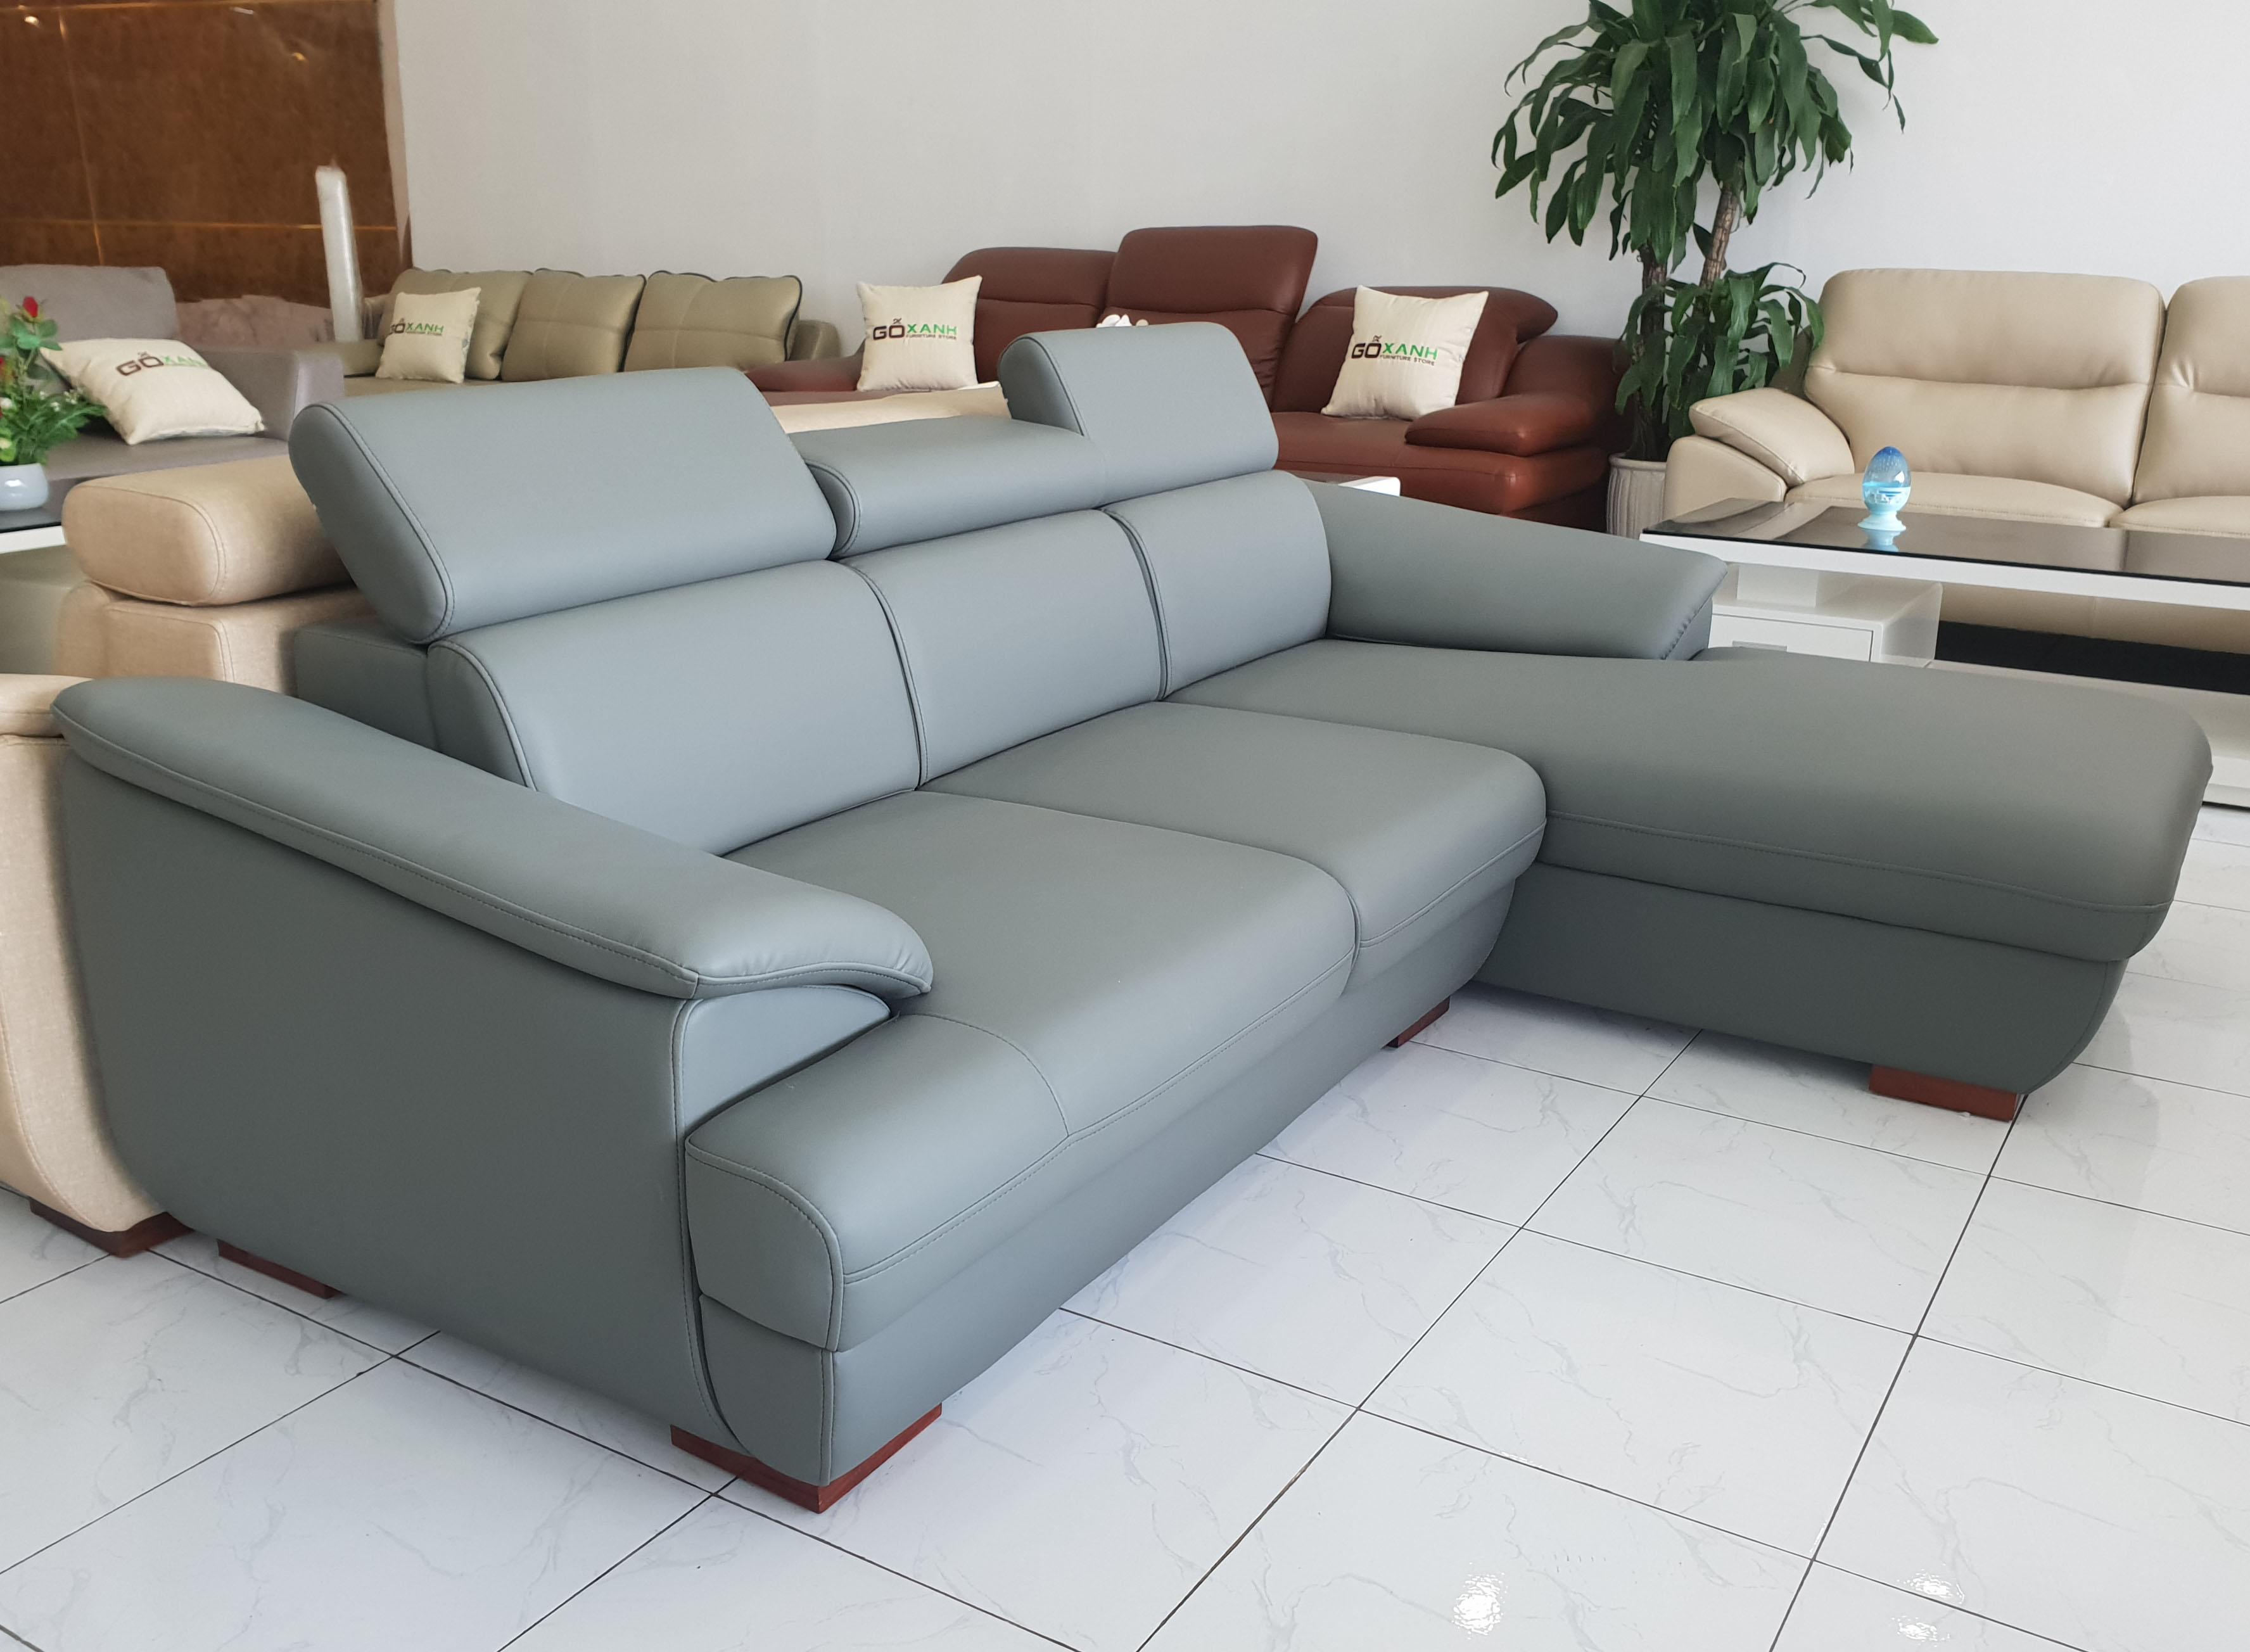 Bộ Salon Phòng Khách Mini Nhỏ Gọn - Ghế Sofa Cao Cấp Hiện Đại